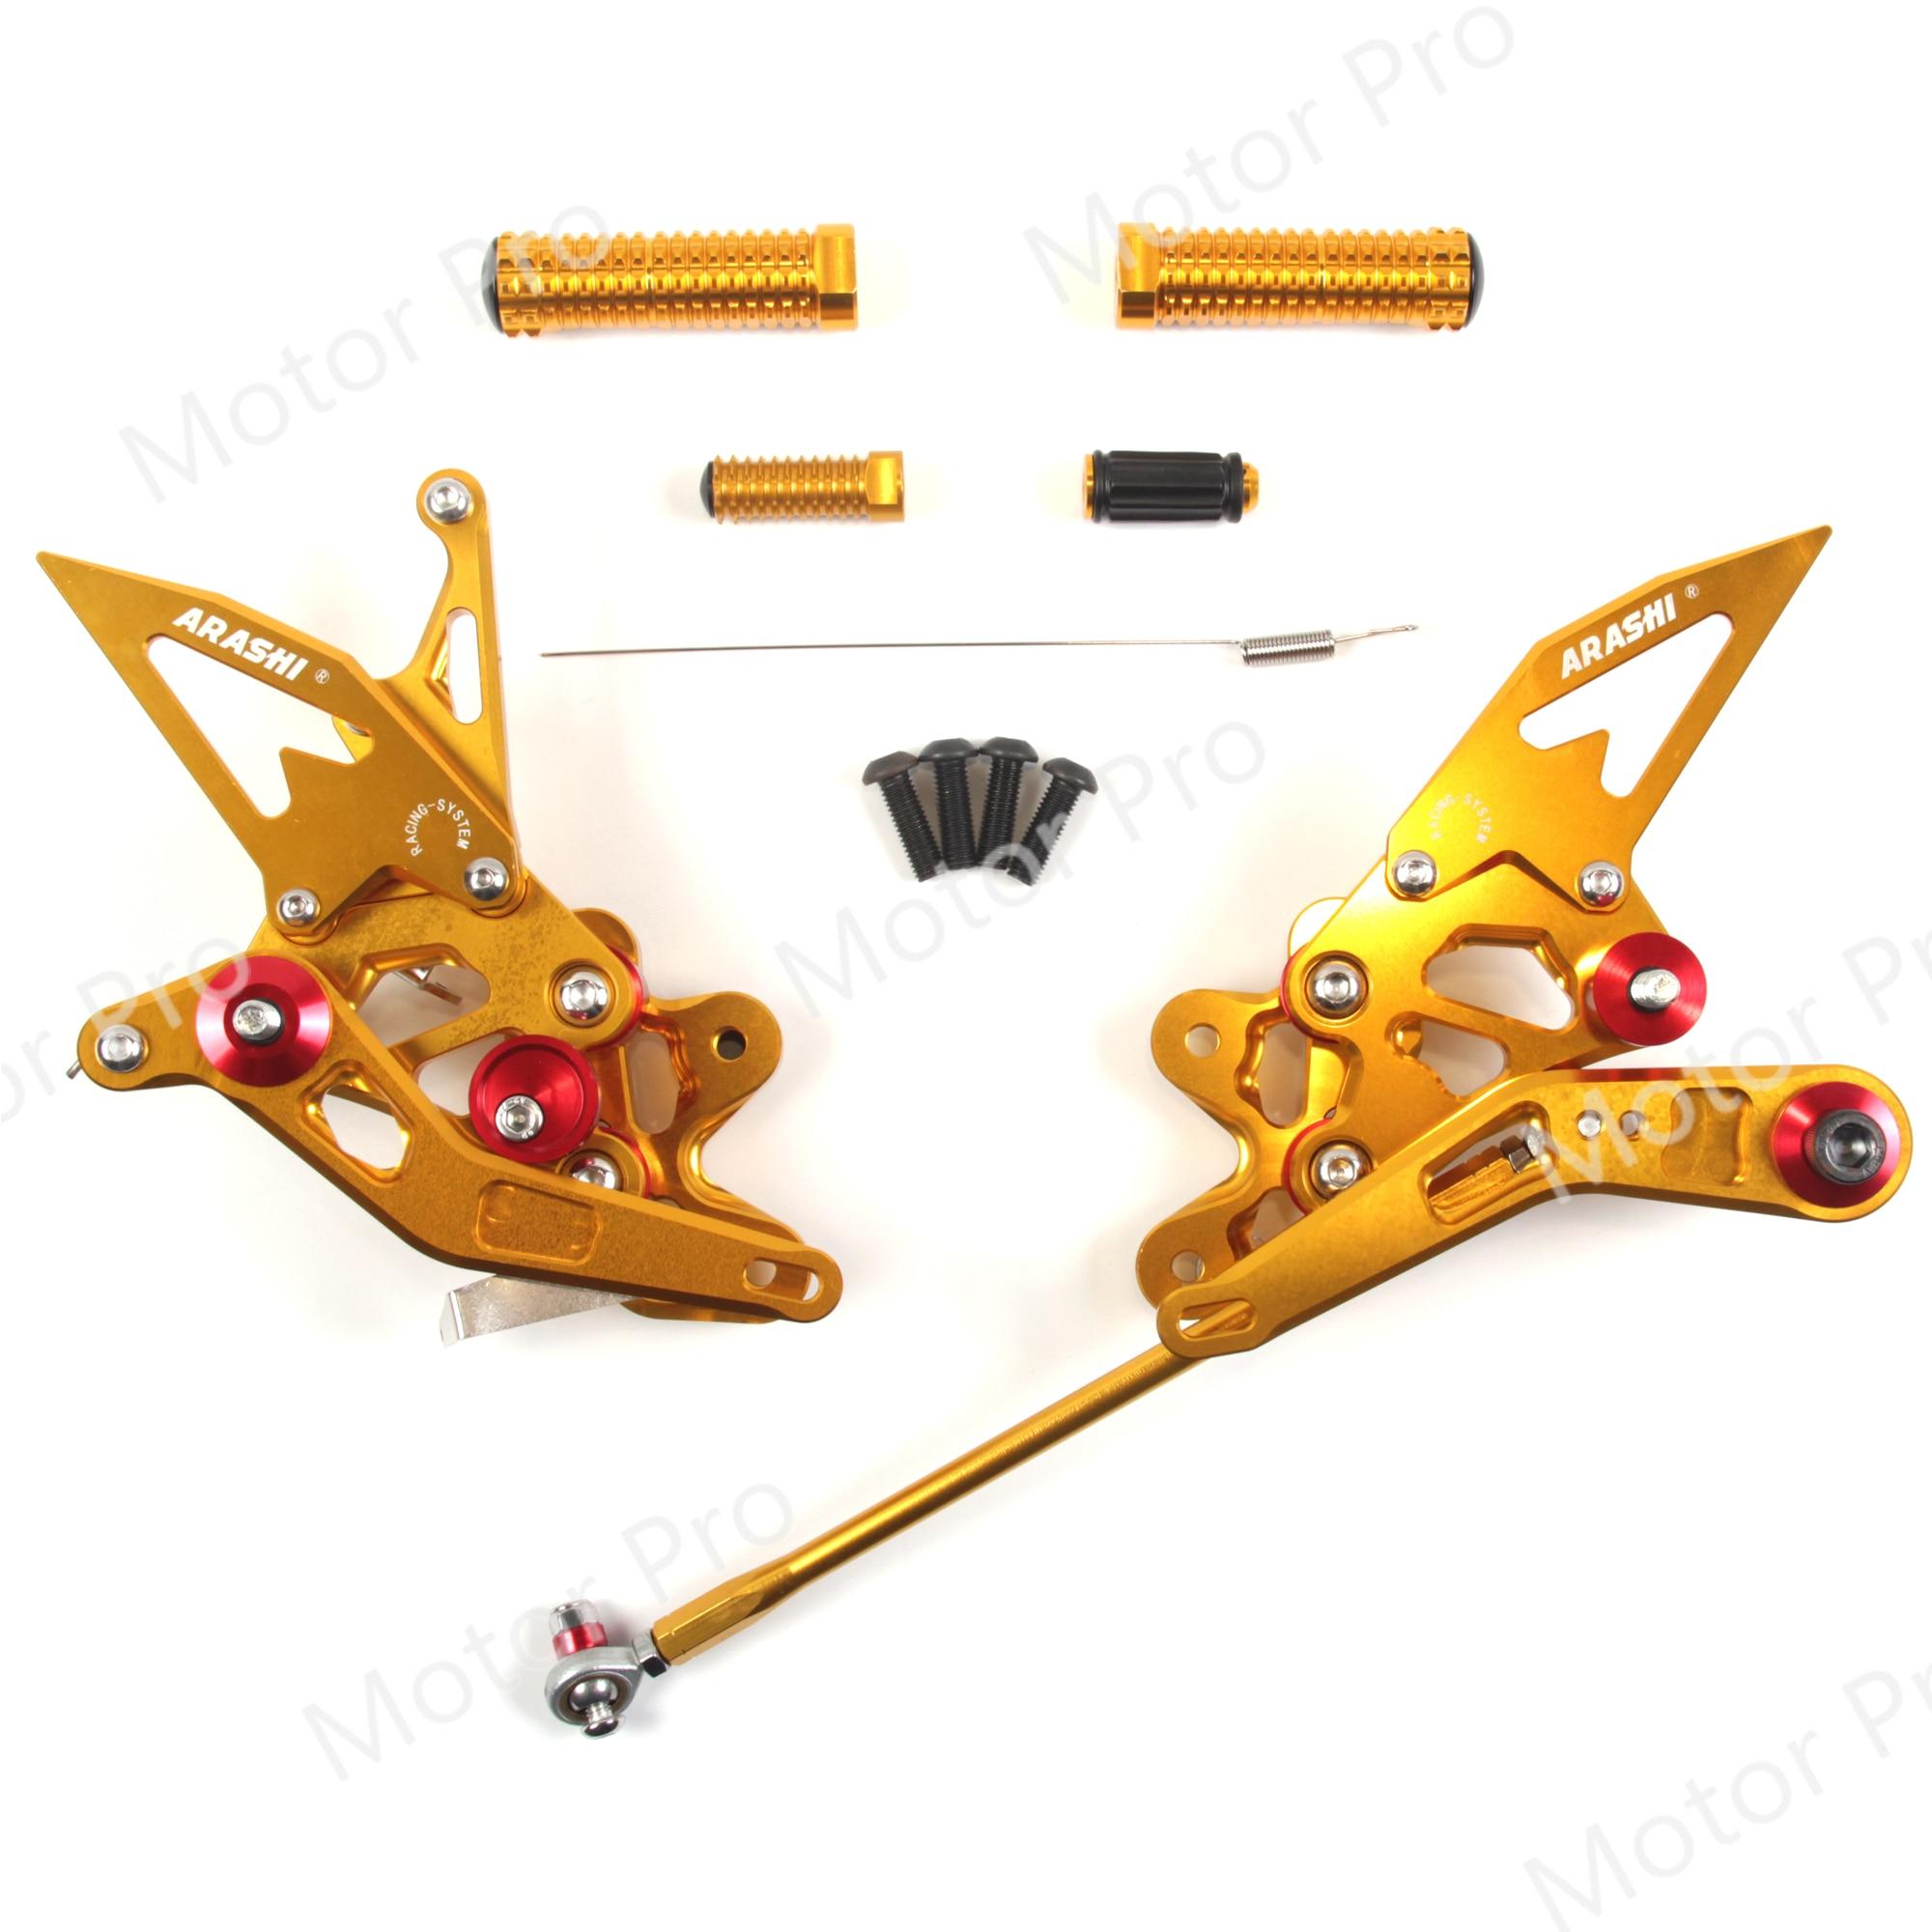 Adjustable Footrests For SUZUKI GSXR 600 750 2011 - 2017 Motorcycle Accessories Rearset Pedal GSX R GSX-R GSXR600 GSXR750 GOLD